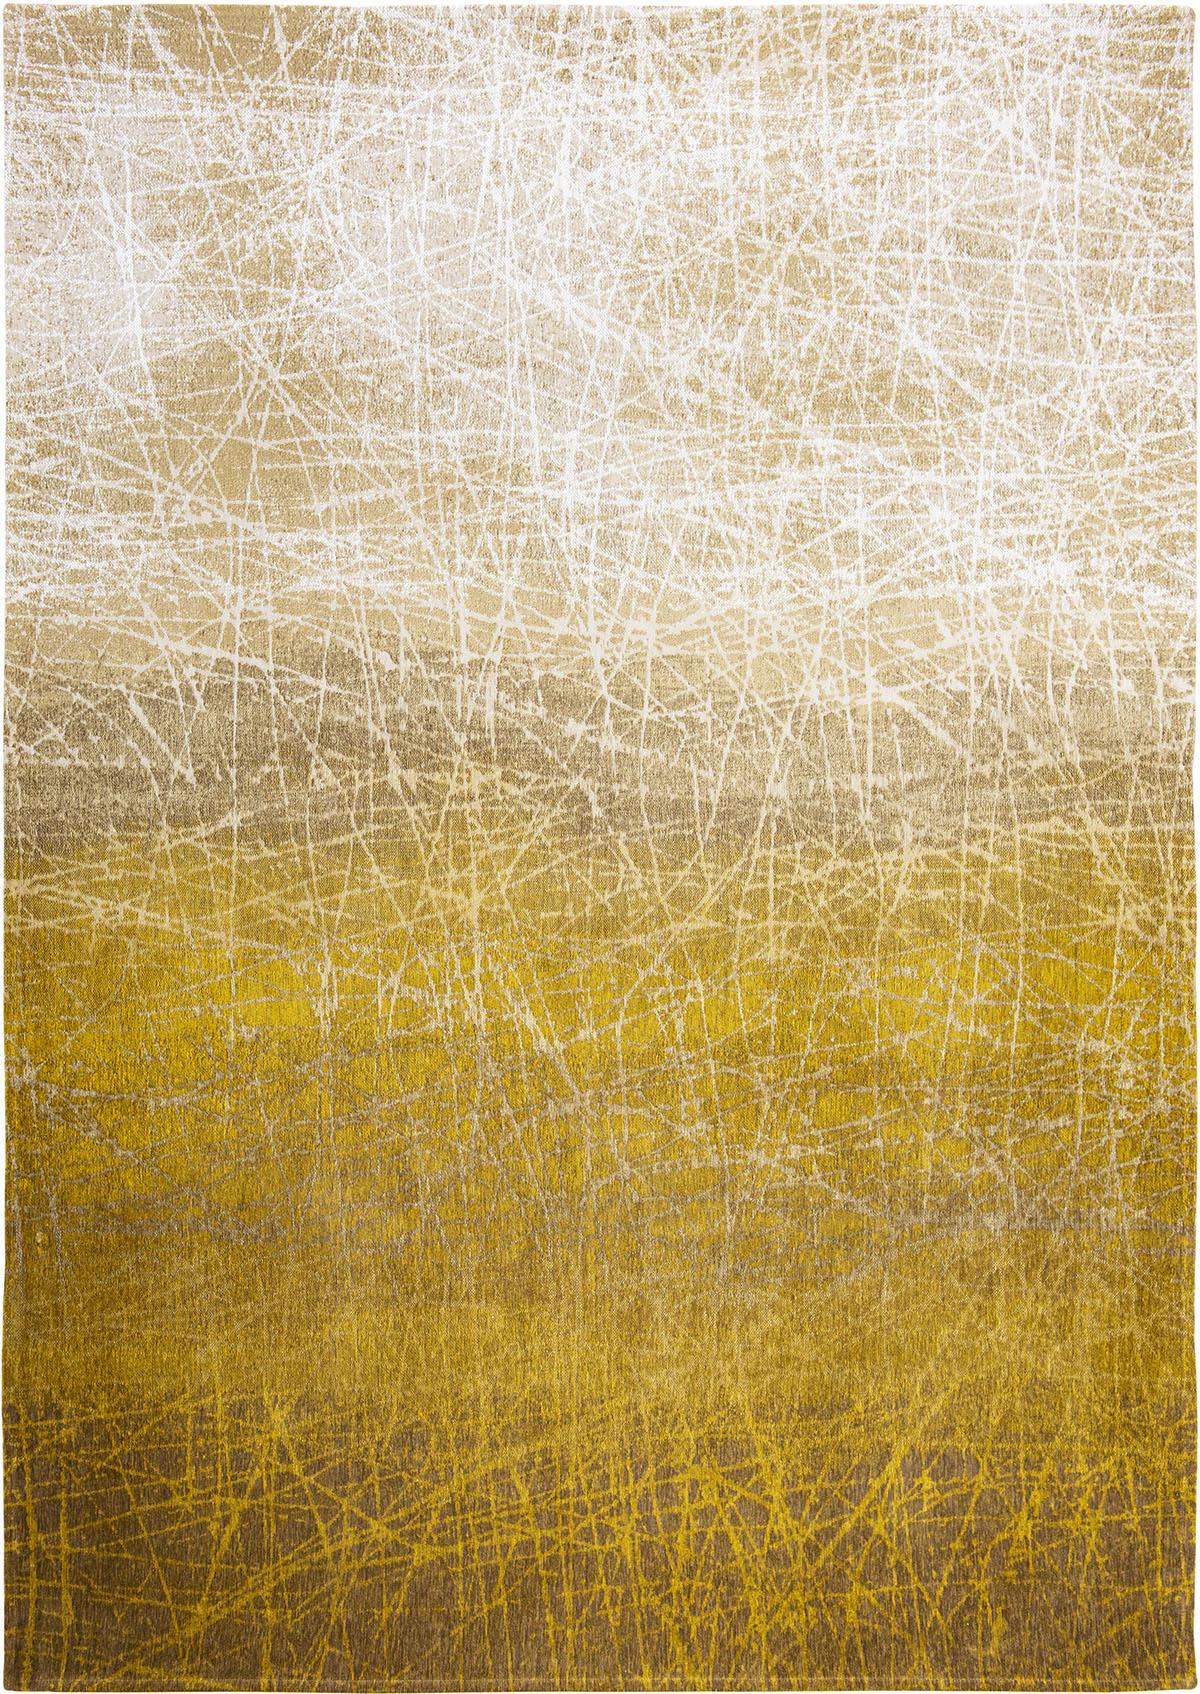 Żółty Dywan Nowoczesny - NEW YORK FALL 8879 - Rozmiar: 230x330 cm